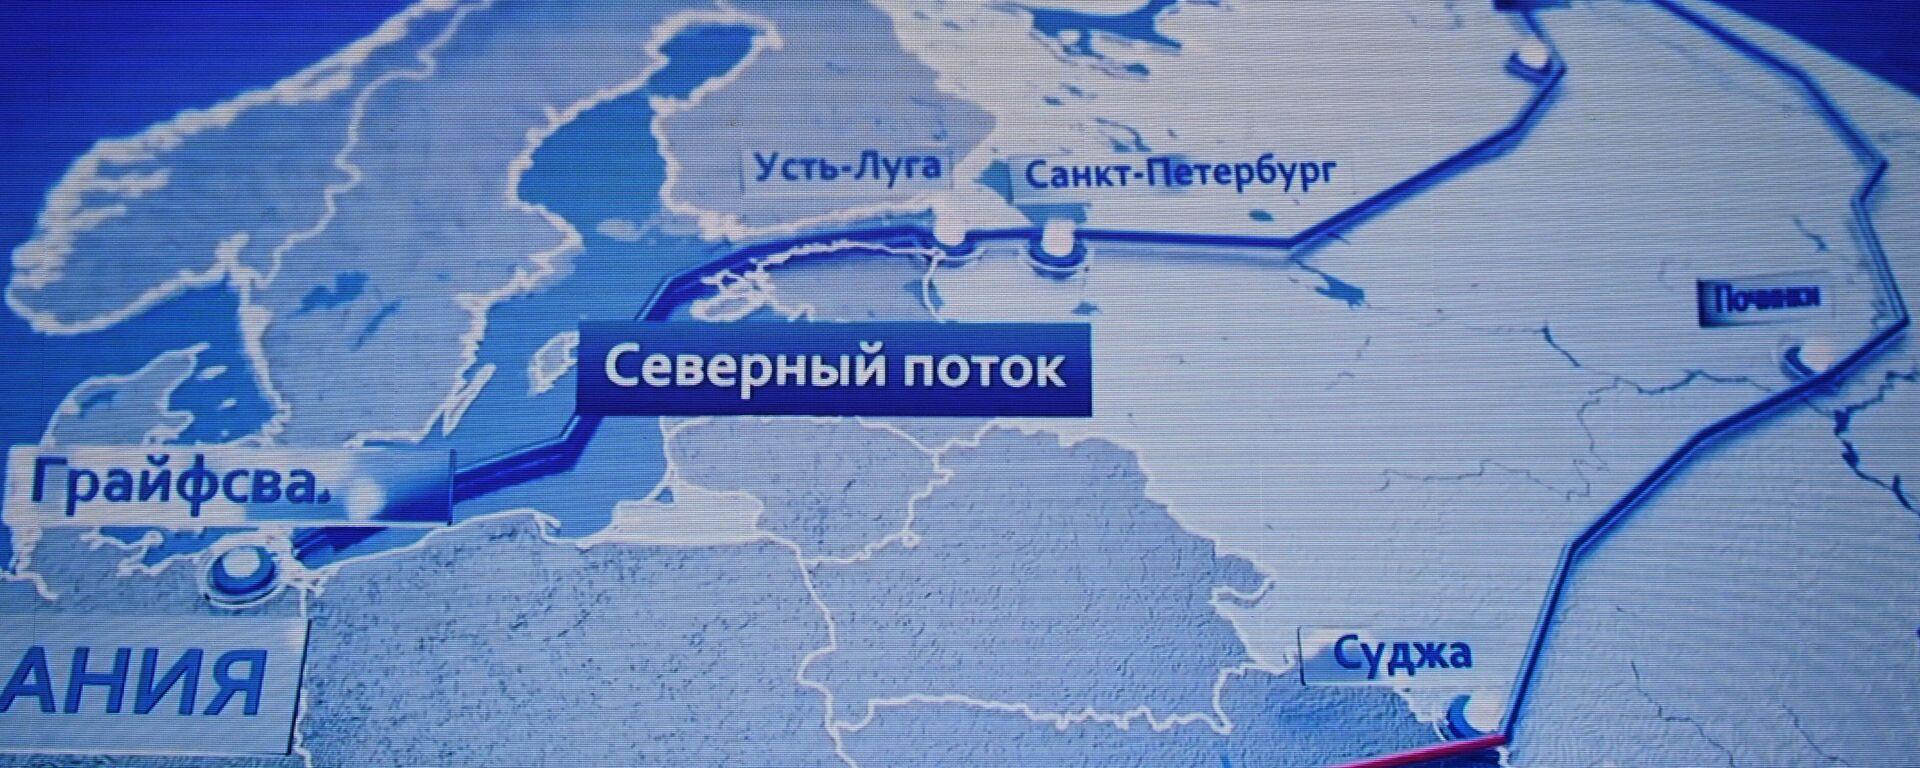 Фрагмент карты магистральных газопроводов Газпрома - Sputnik Latvija, 1920, 14.08.2021